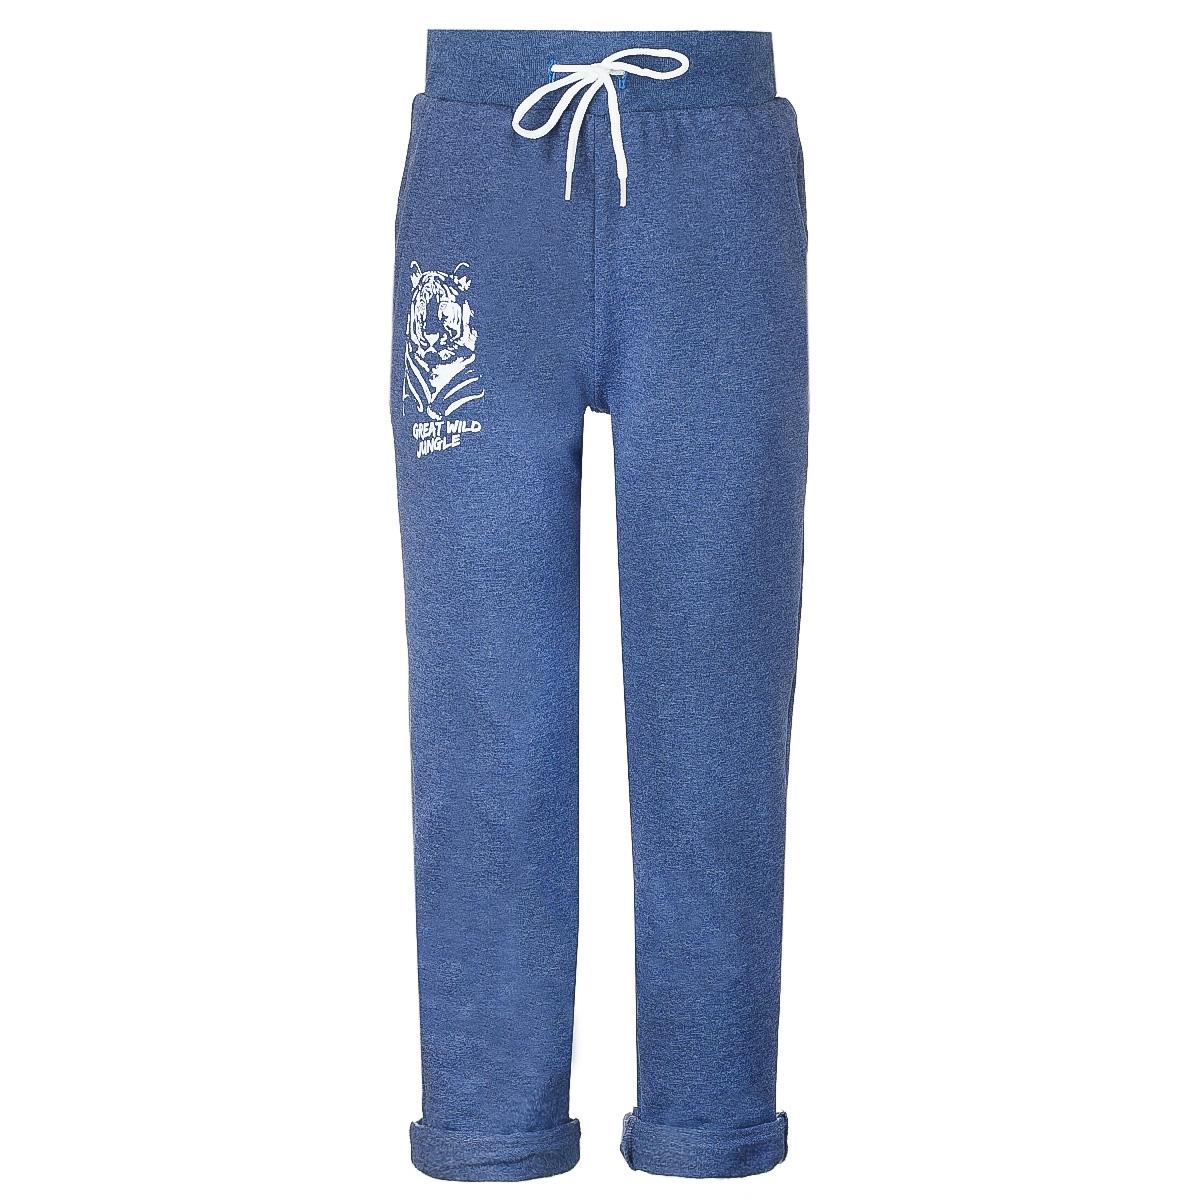 Брюки спортивныеWJJ16009M-11Стильные спортивные брюки M&D для мальчика станут отличным дополнением к гардеробу вашего ребенка. Изготовленные из хлопка с небольшим дополнением лайкры, они мягкие и приятные на ощупь. Брюки на талии имеют широкую эластичную резинку со шнурком. По бокам расположены два втачных кармана. Нижняя часть штанин дополнена стильными отворотами. Оформлена модель принтом с изображением тигра.